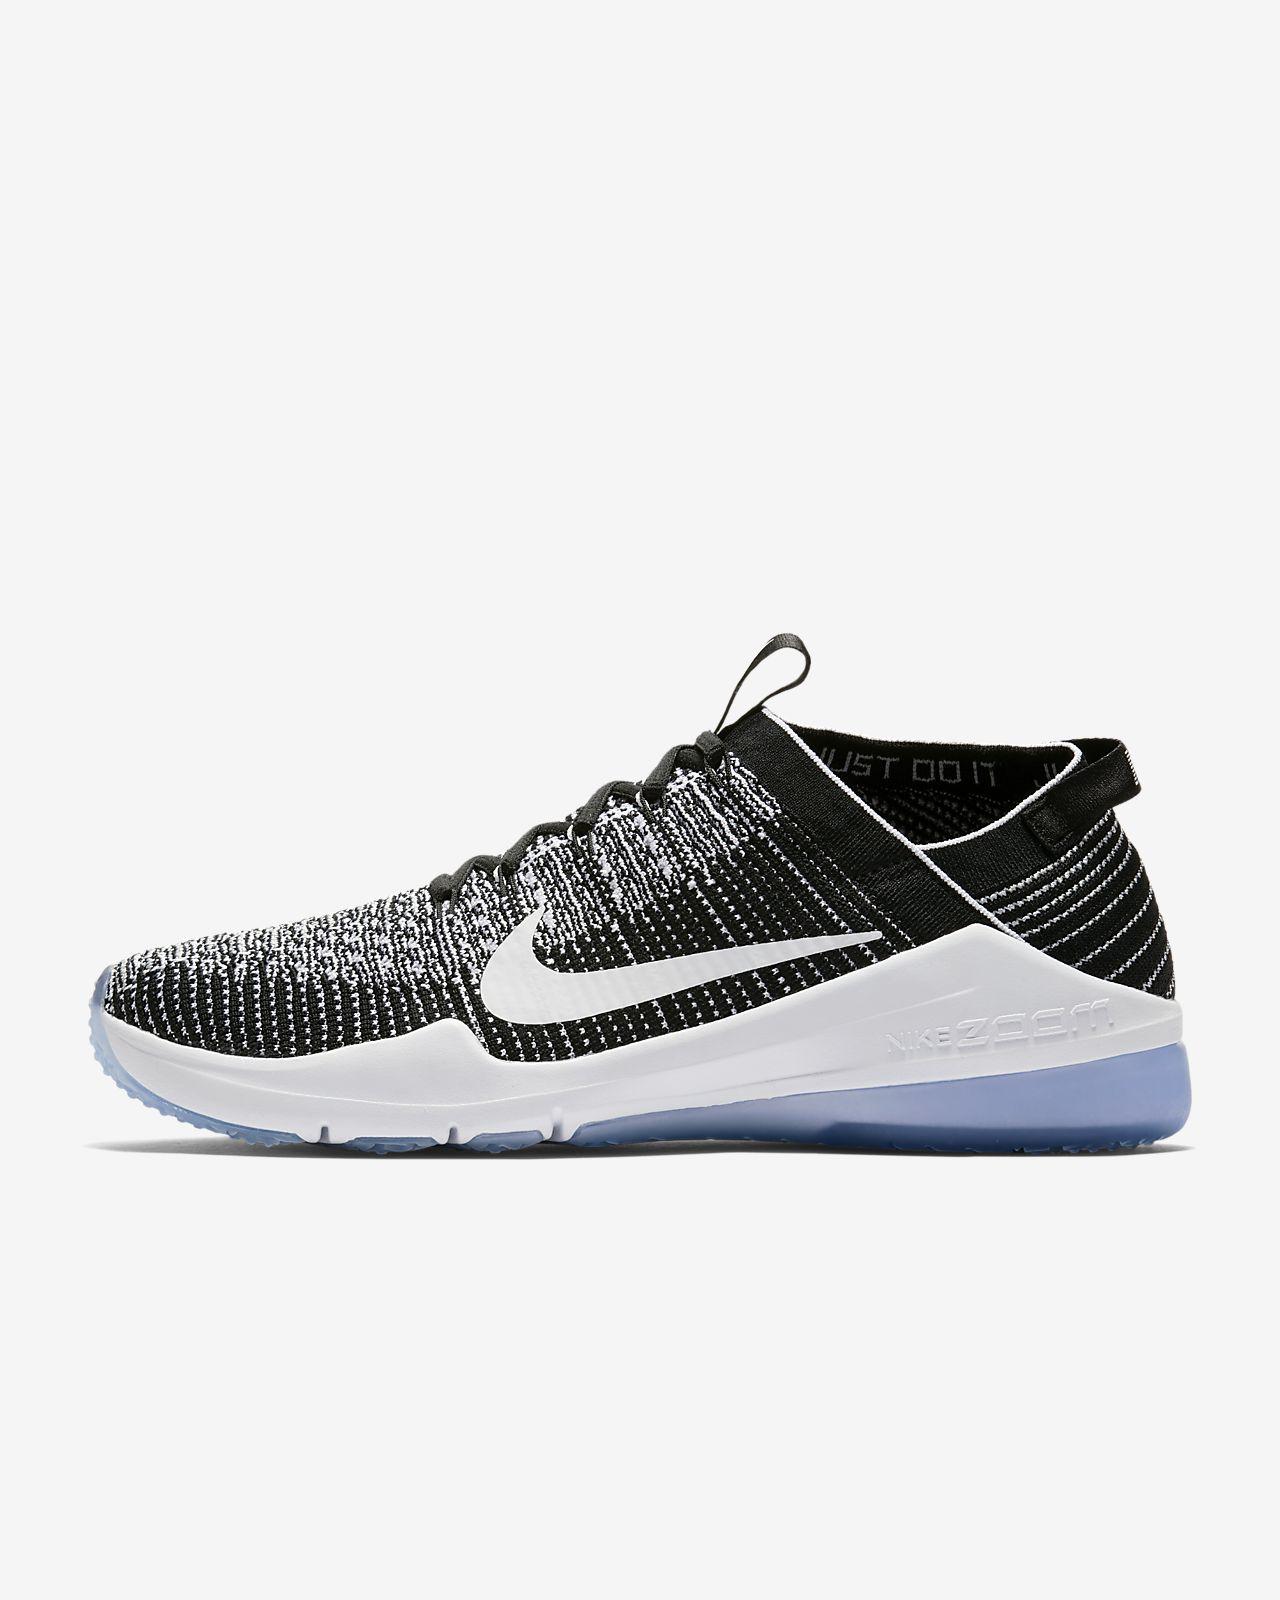 057b39127b6 Γυναικείο παπούτσι γυμναστηρίου/προπόνησης/πυγμαχίας Nike Air Zoom Fearless  Flyknit 2